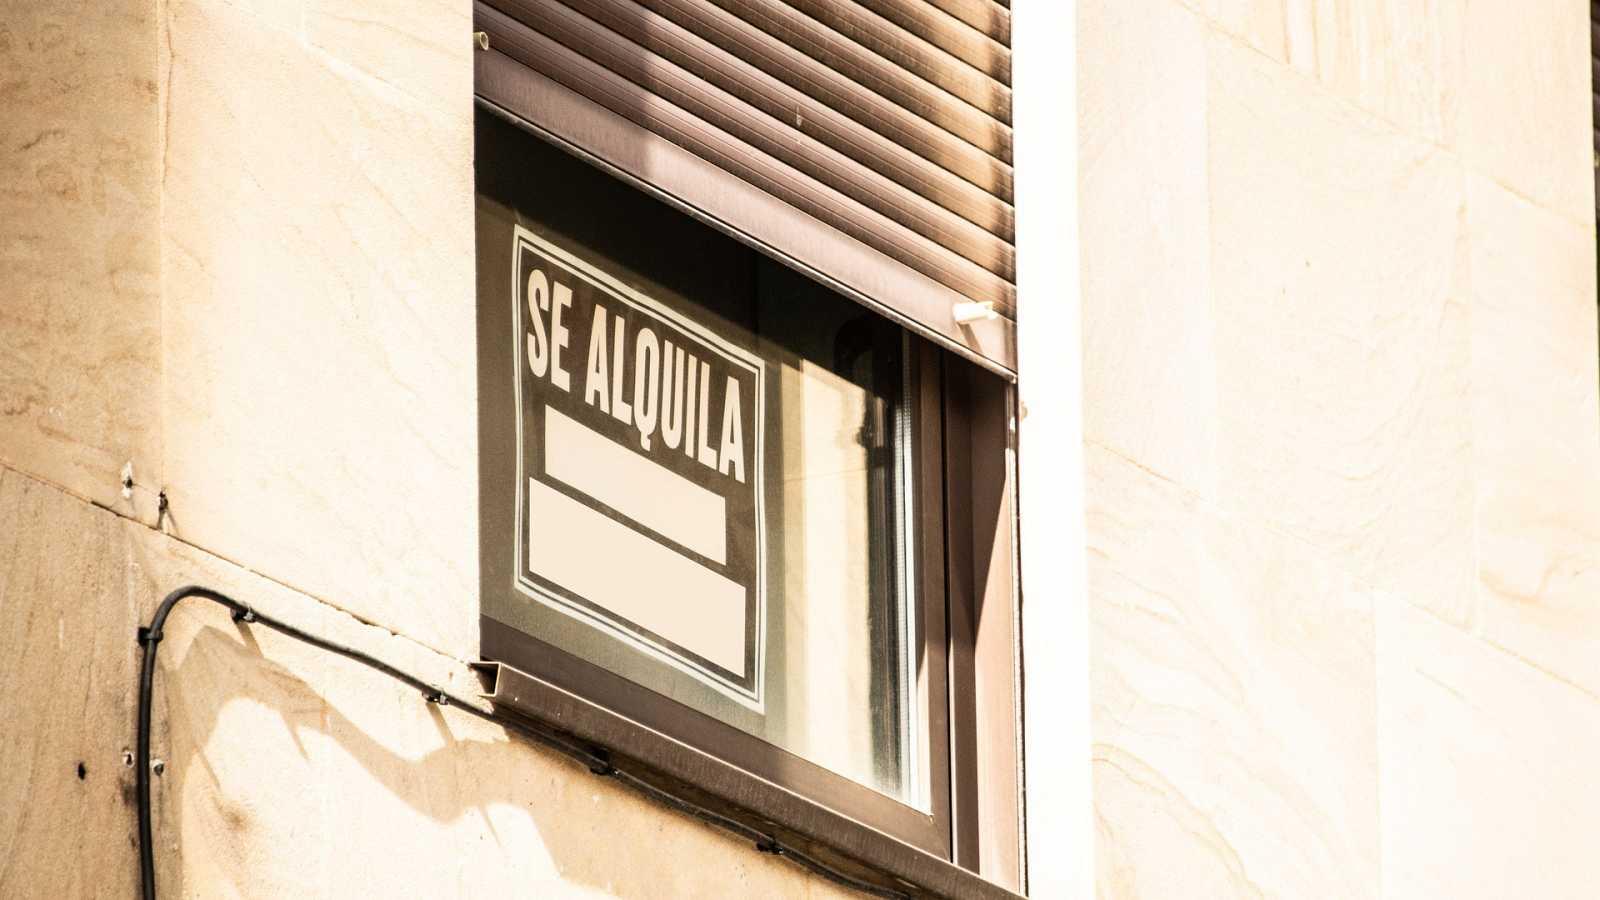 Cartel de 'se alquila' en la ventana de una vivienda.